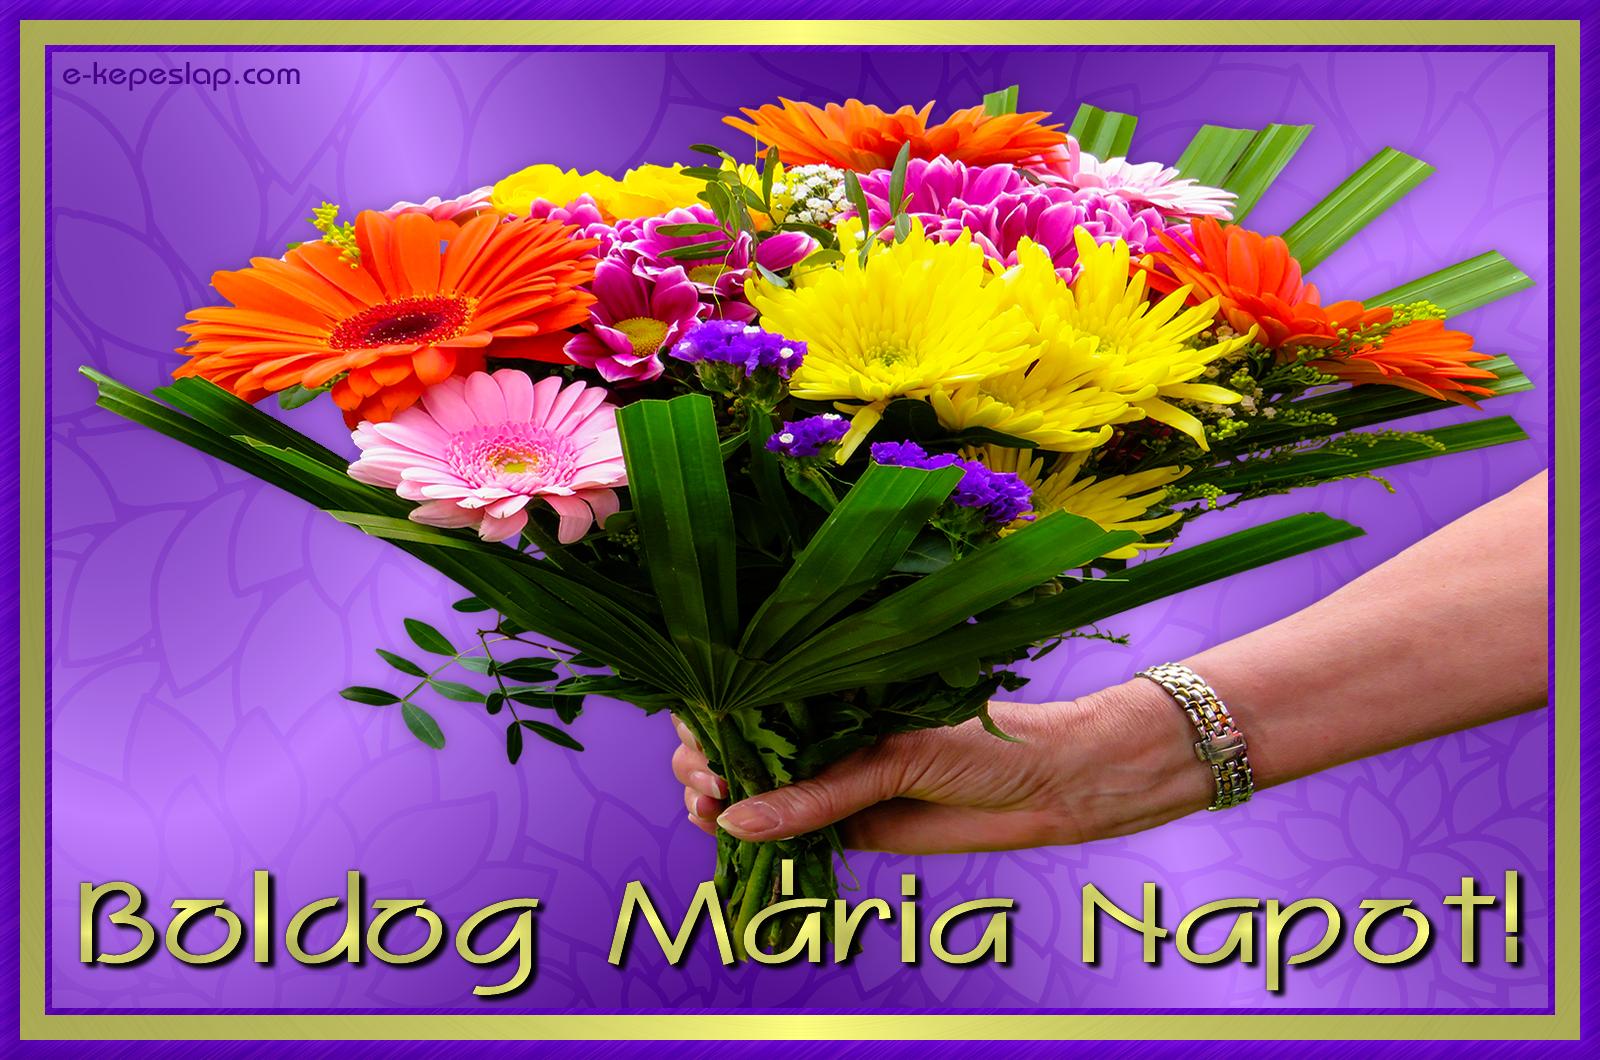 mária névnapi képek Képeslap Mária névnapra   Képeslapküldés   e kepeslap.com mária névnapi képek